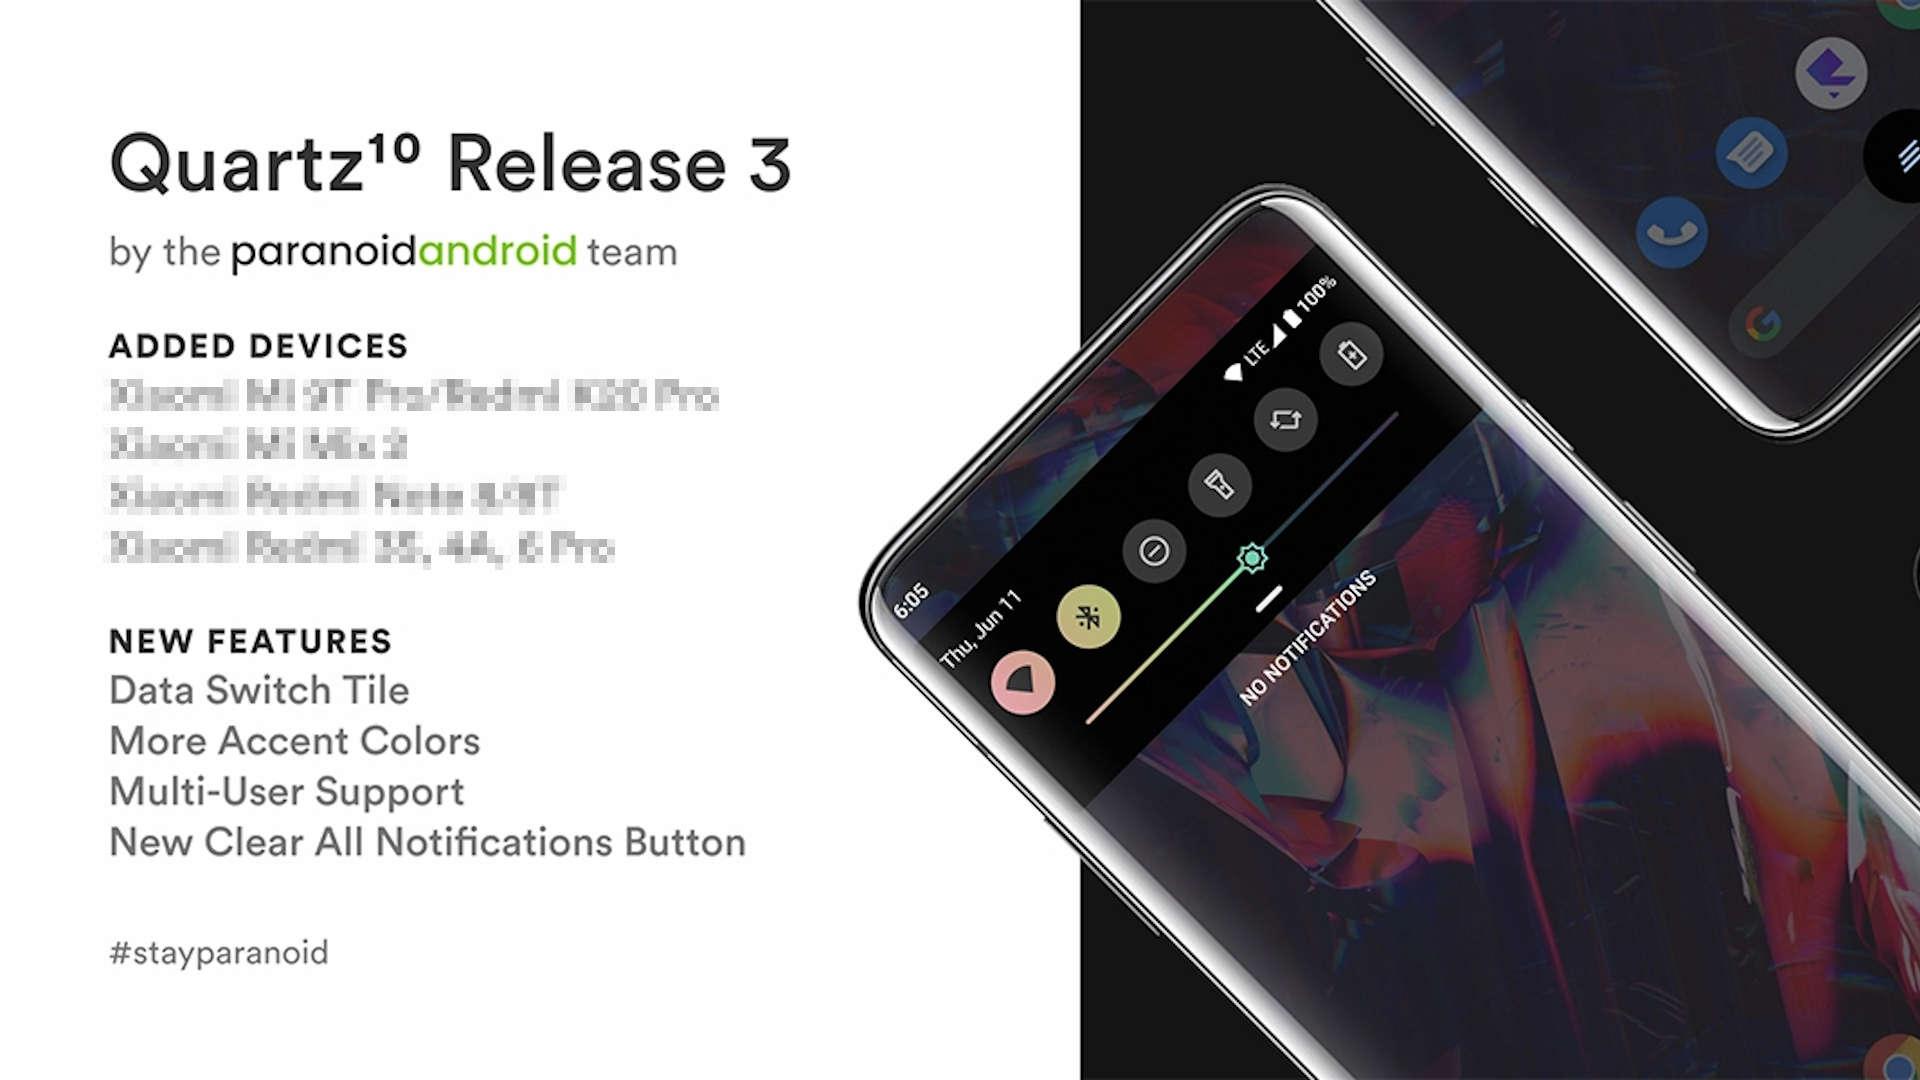 Android paranóico traz o Android 10 para Xiaomi, OnePlus e além